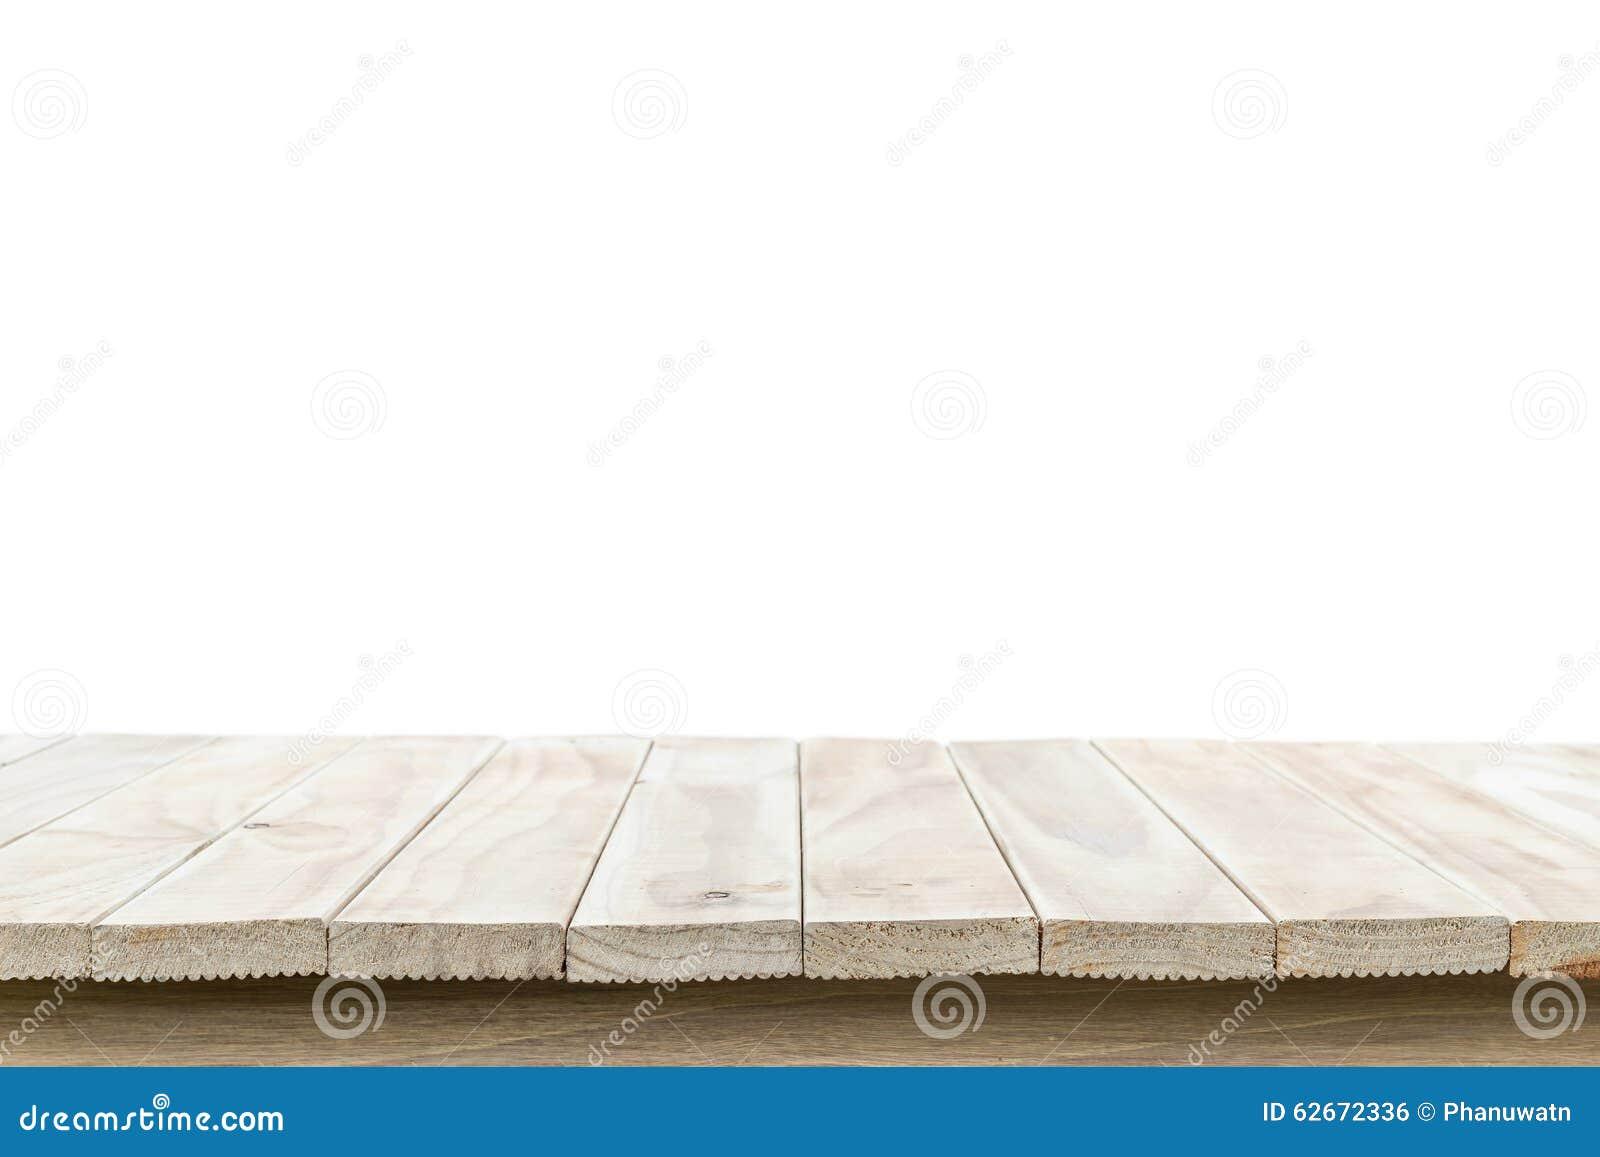 Пустая верхняя часть деревянного стола или счетчика изолированных на белом backgroun